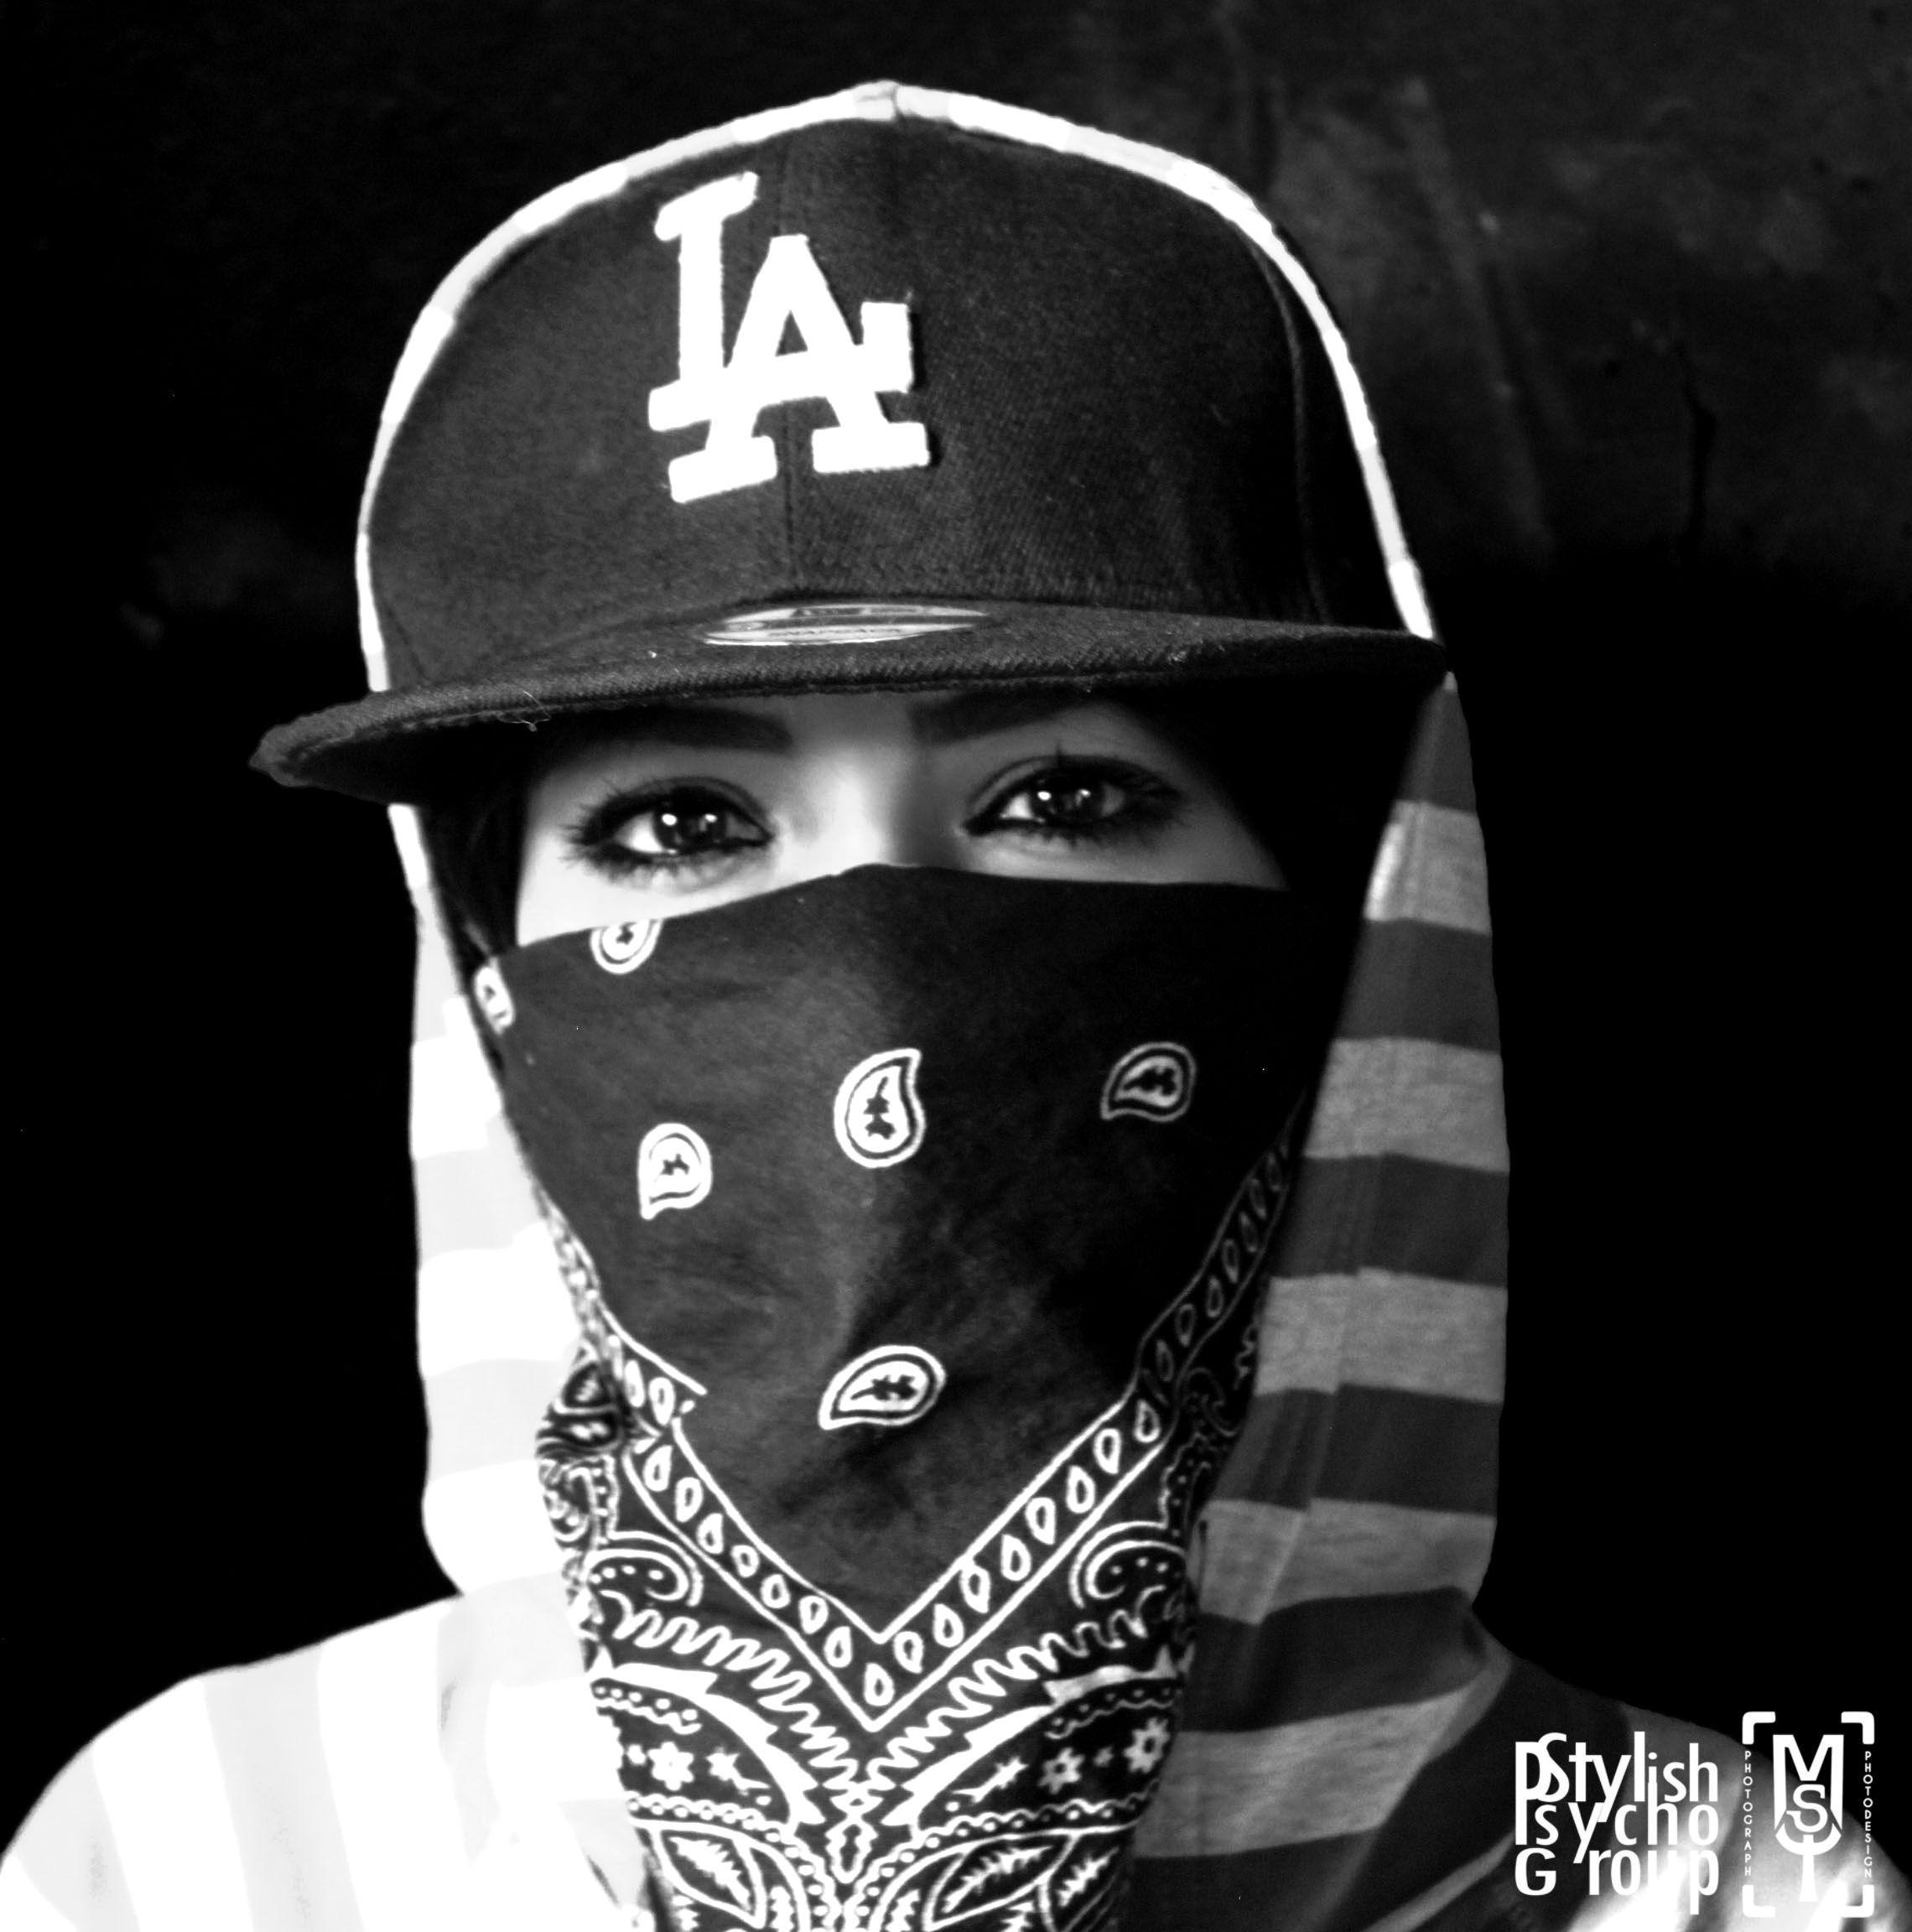 Gangster Mask Graffiti Wallpapers - Wallpaper CaveGangsta Artwork